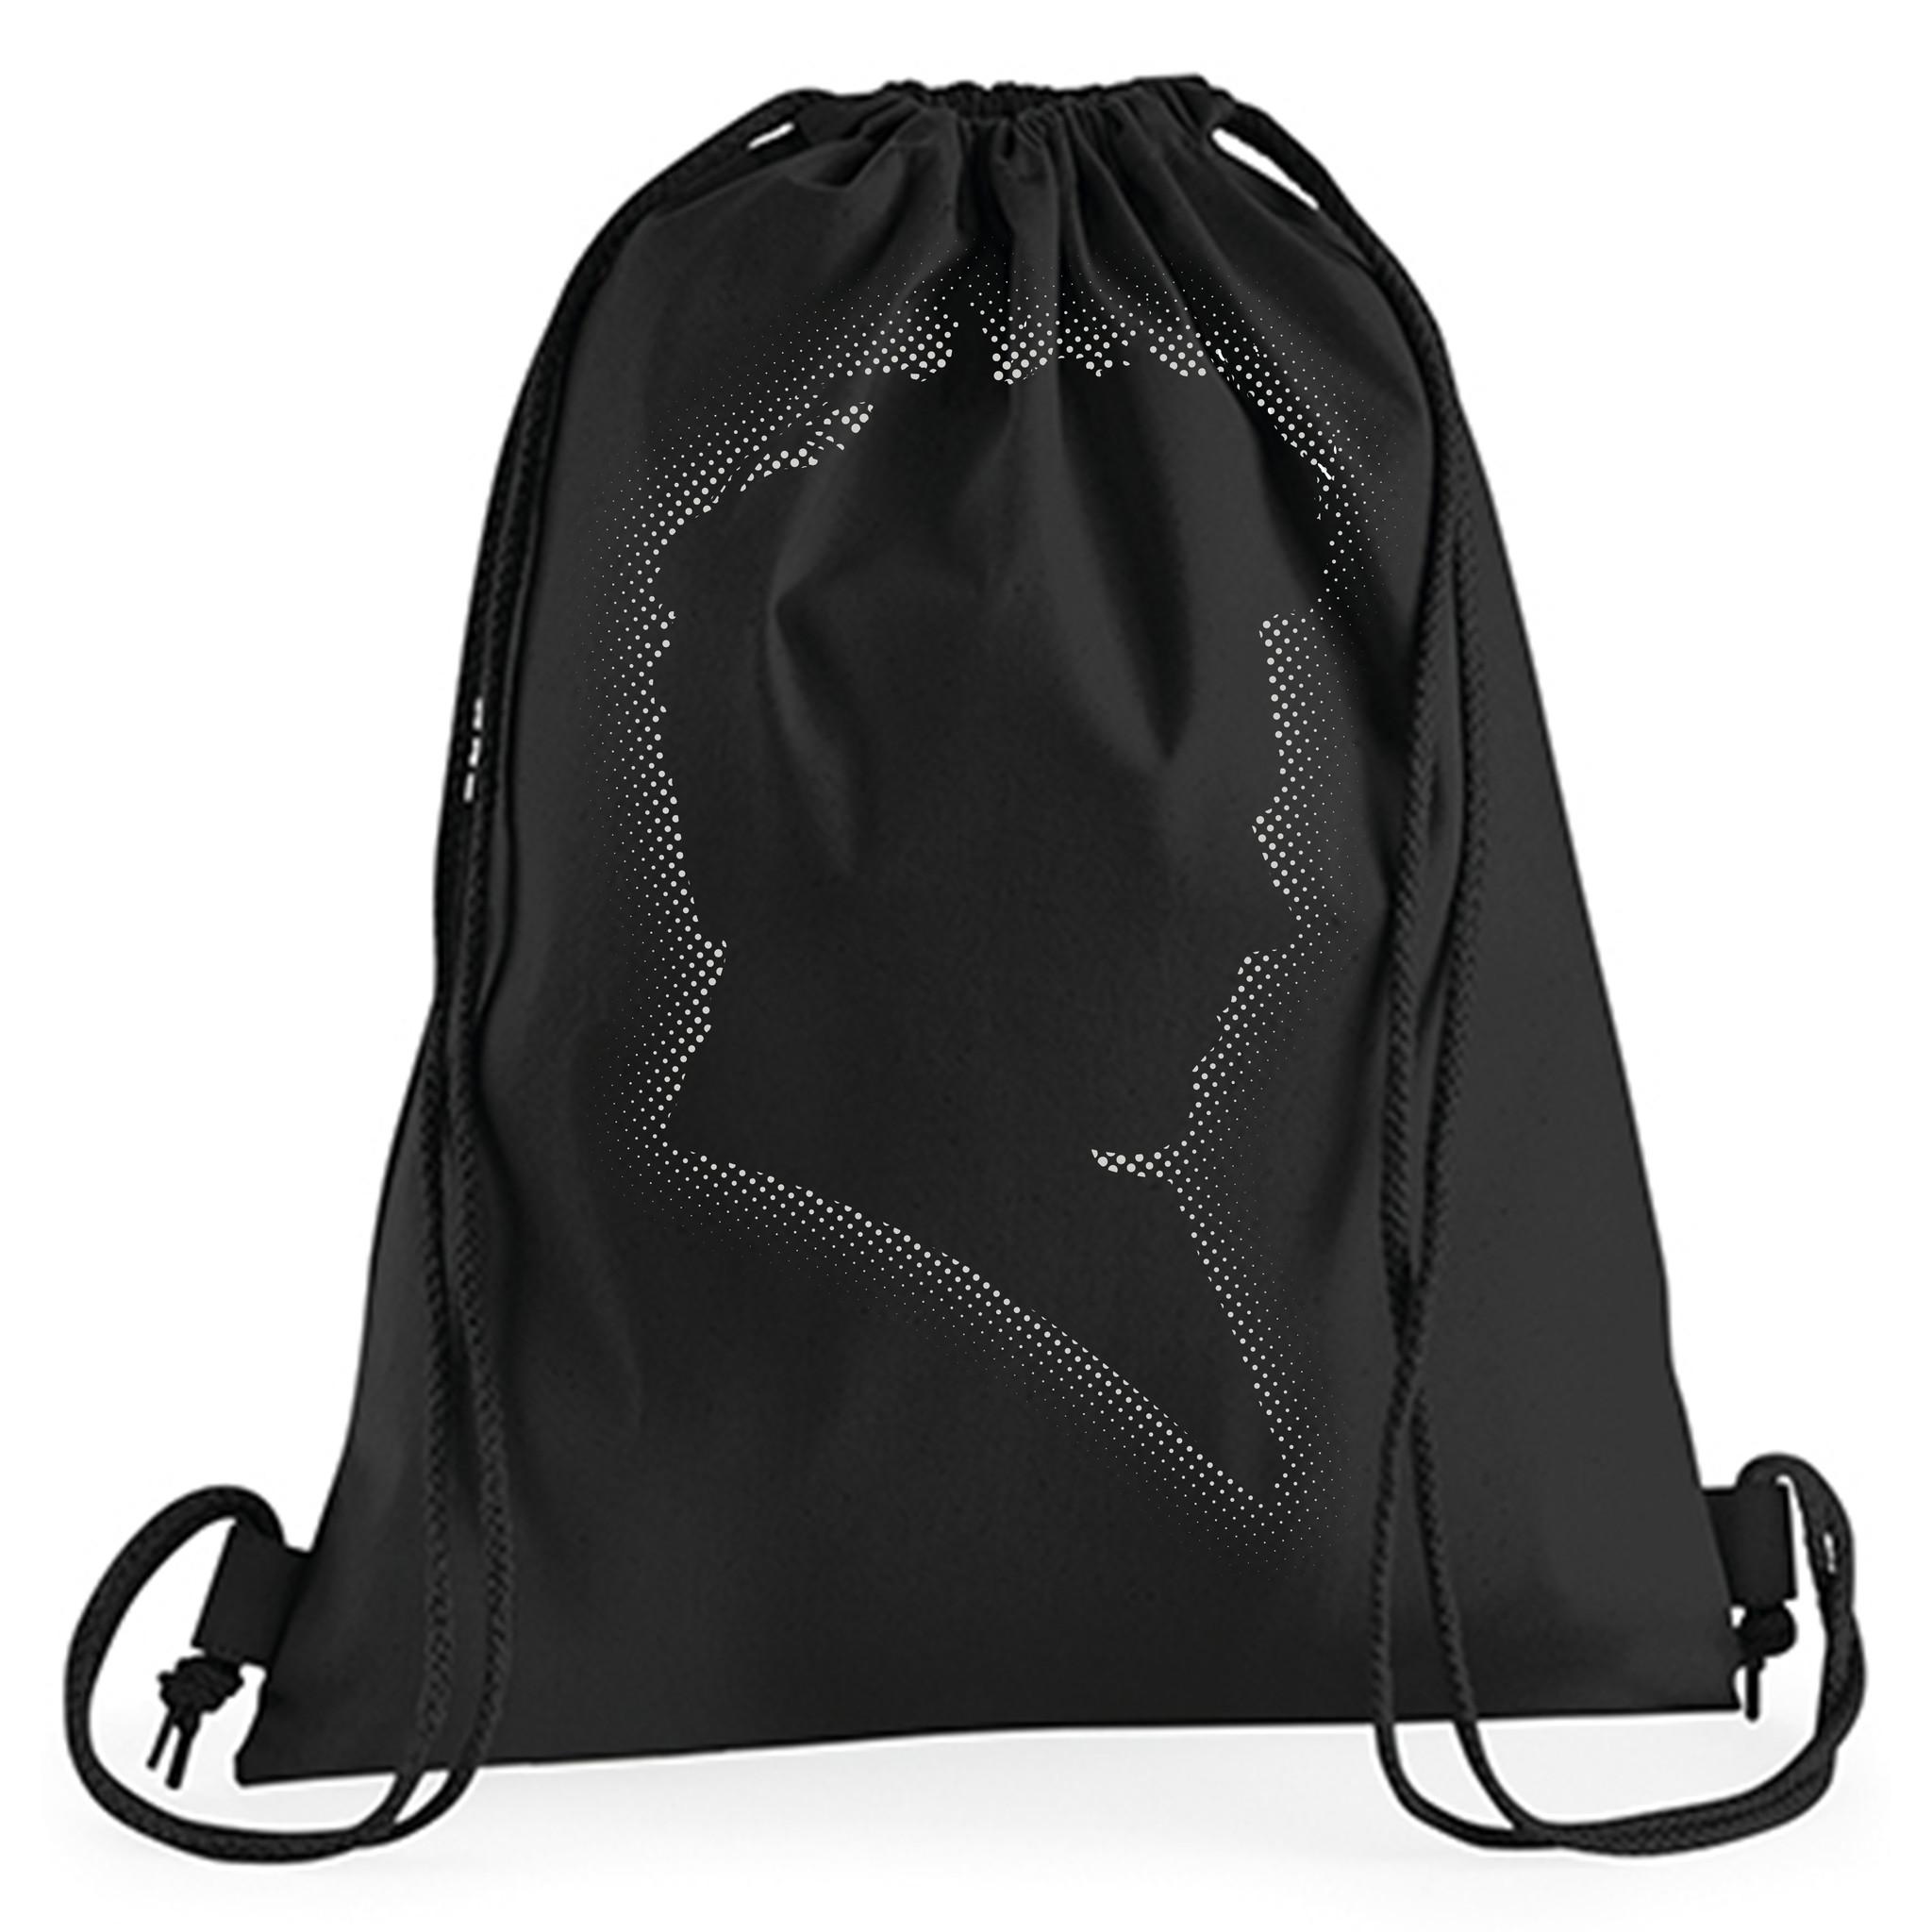 Westford Mill WM210 Gym Bag